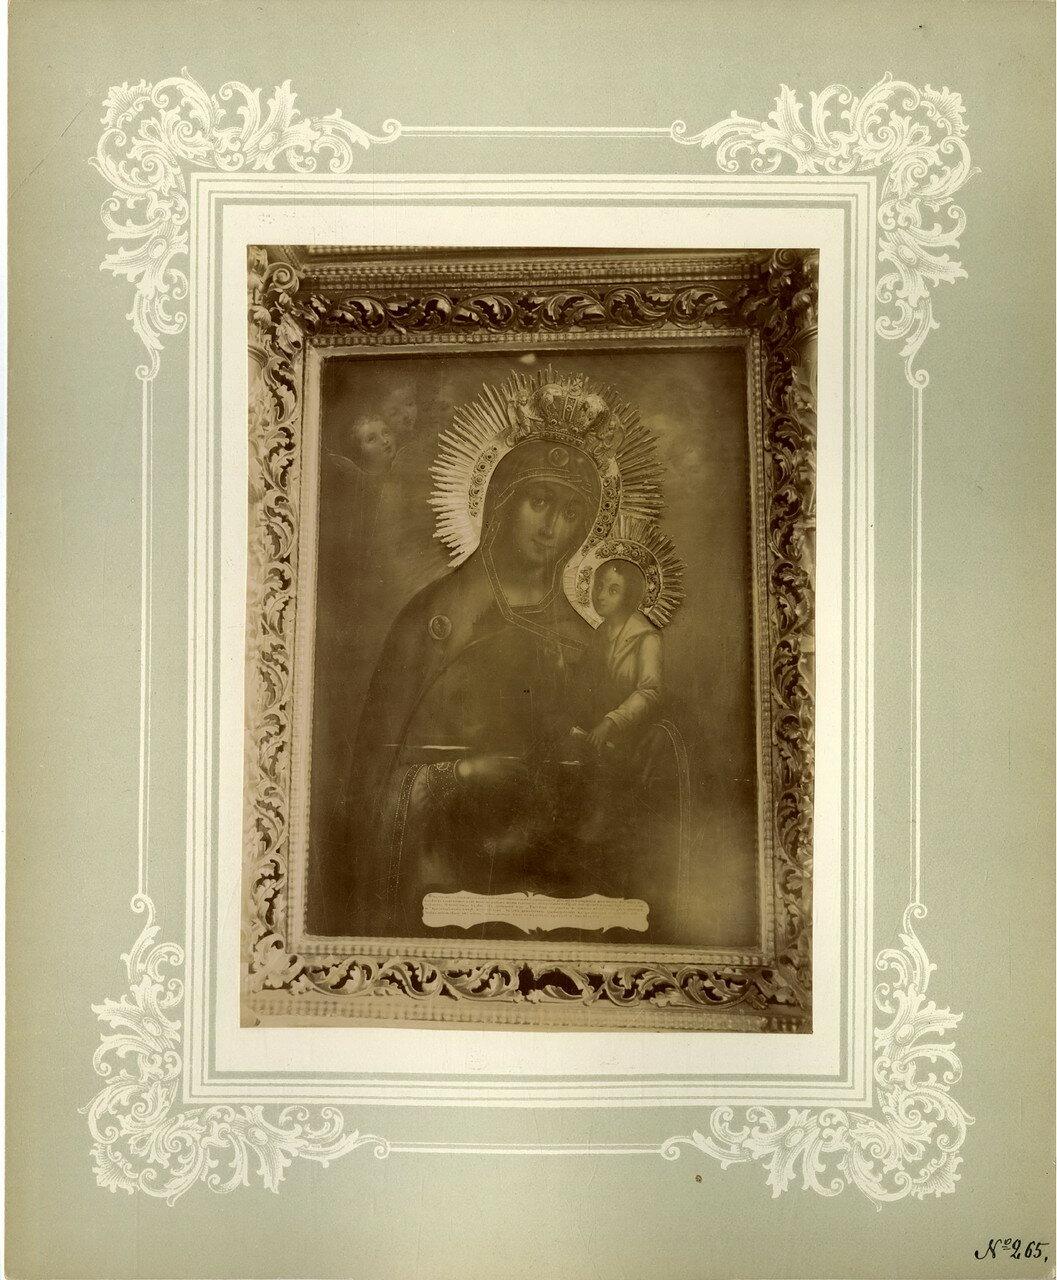 19. Благовещенская церковь, местная в иконостасе Успенского придела, Молчанская икона Божией Матери